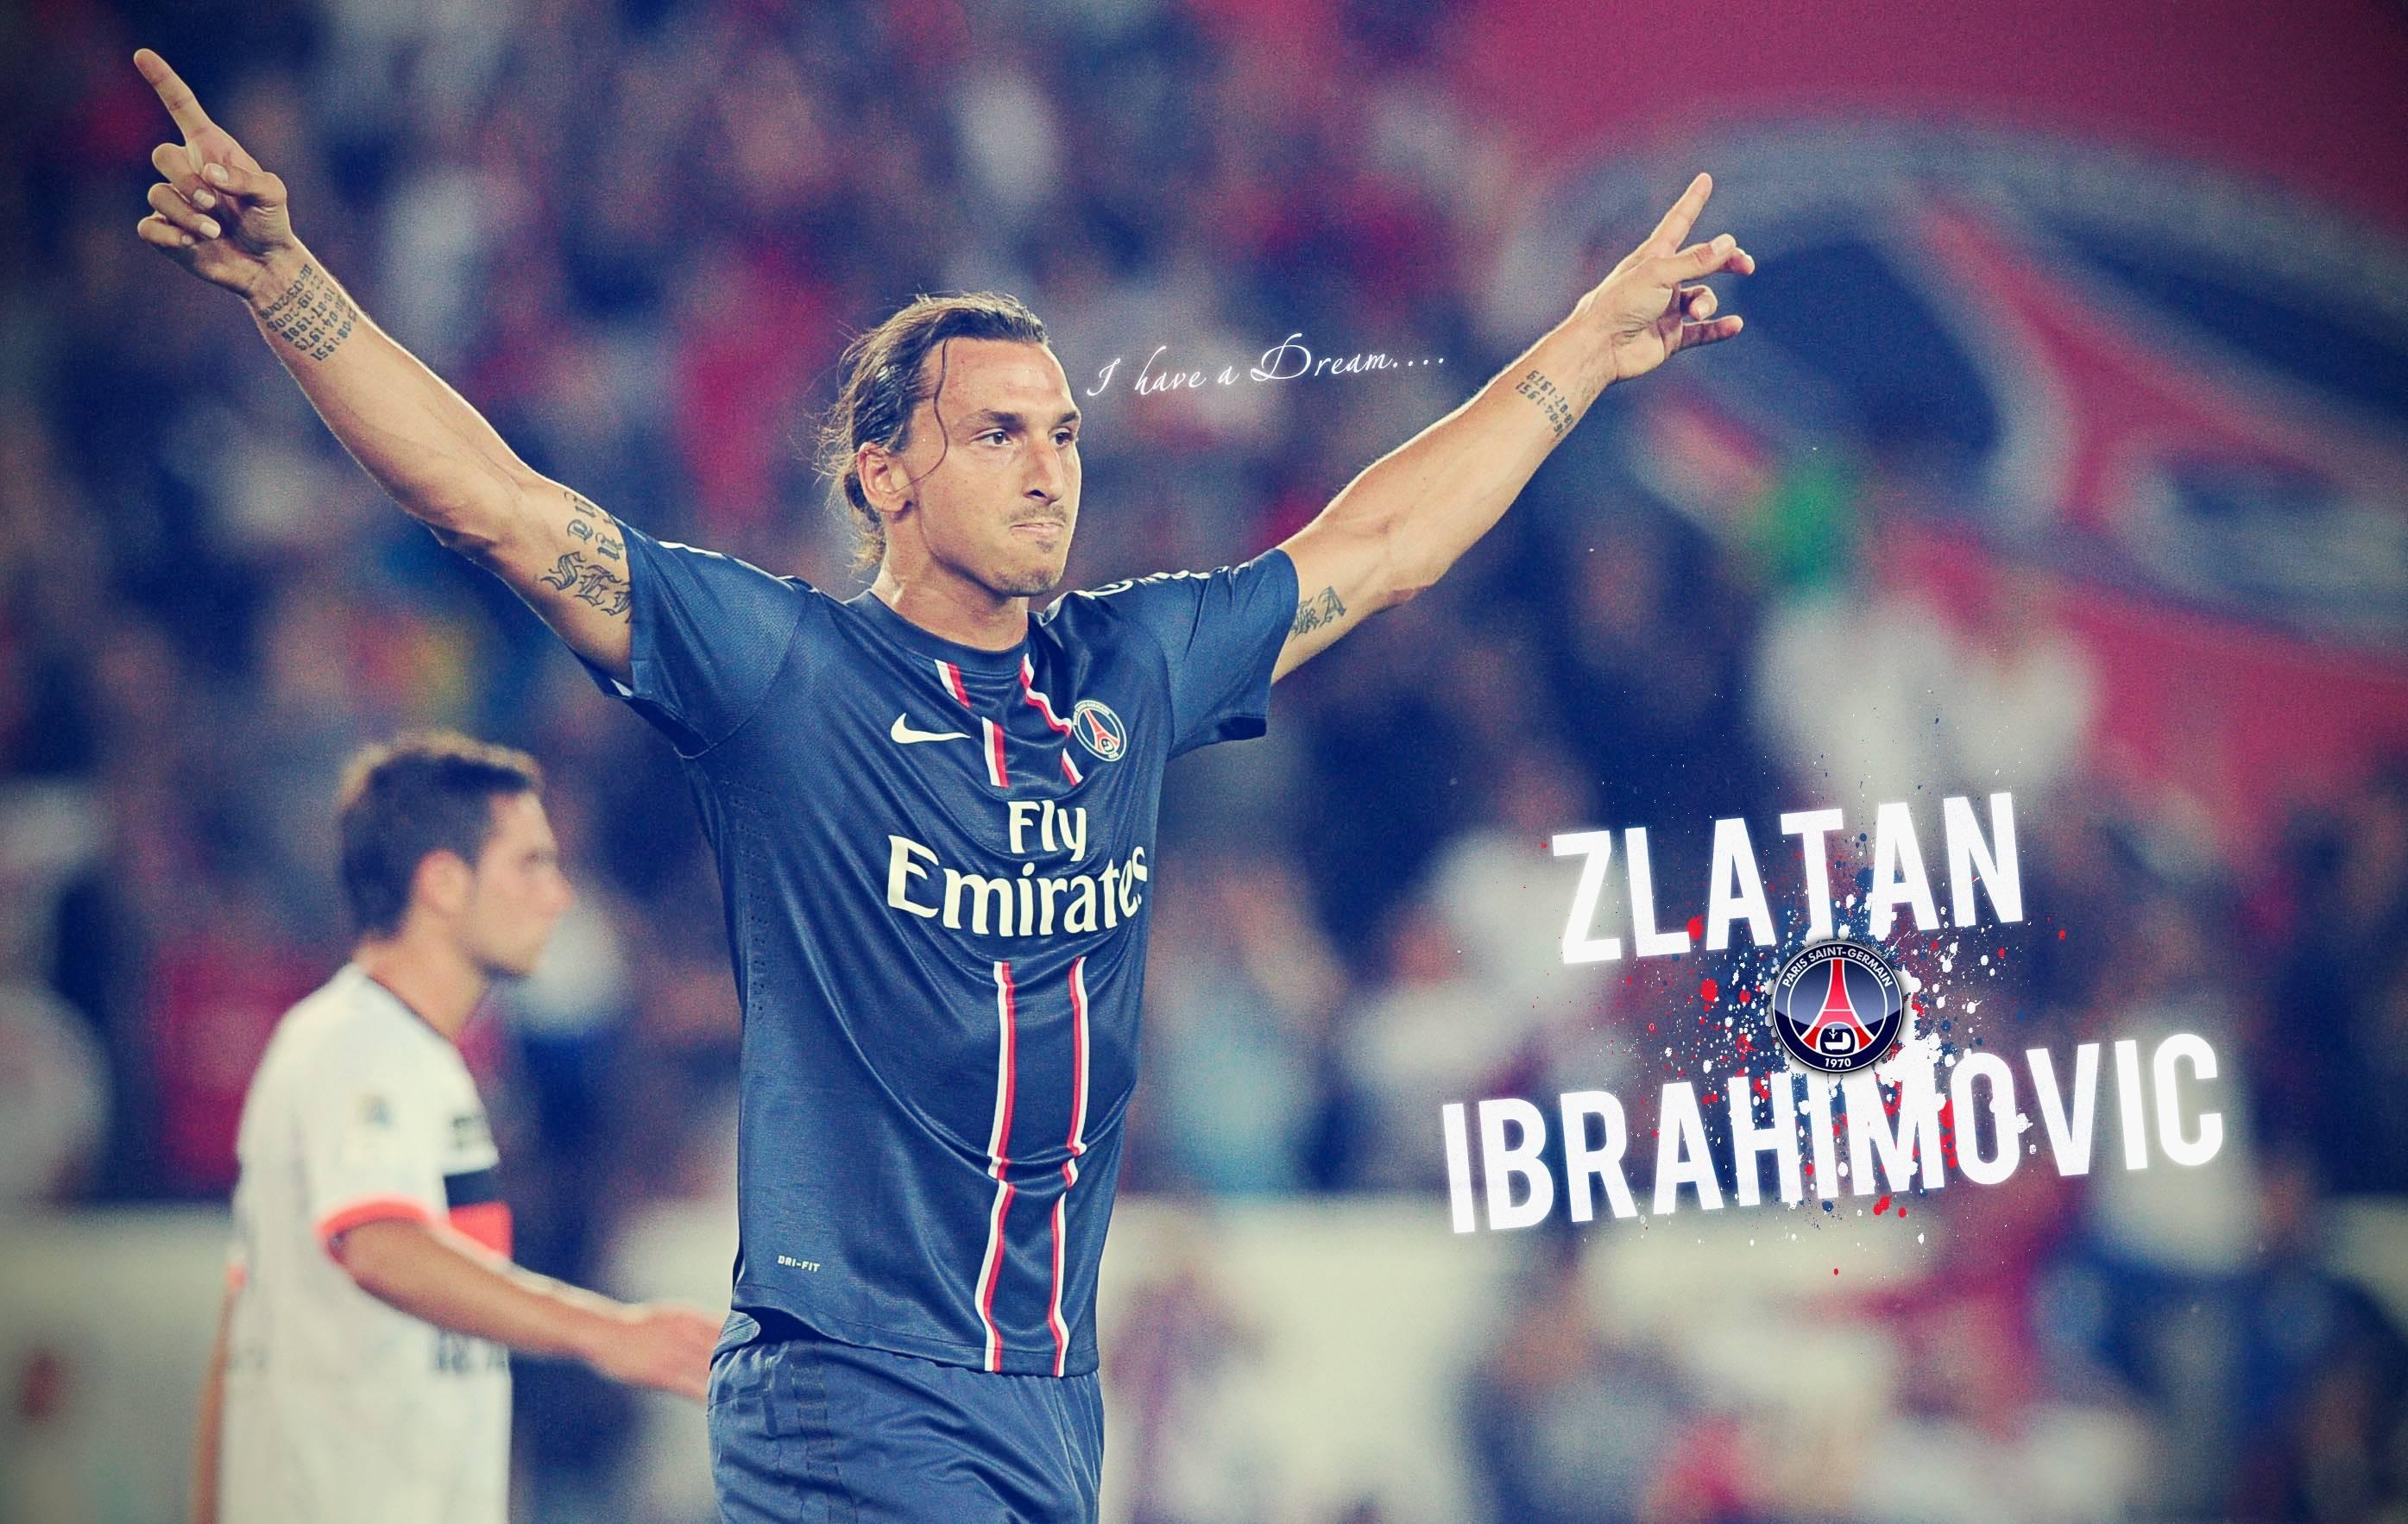 Zlatan Ibrahimovic - Highly Paid Footballer